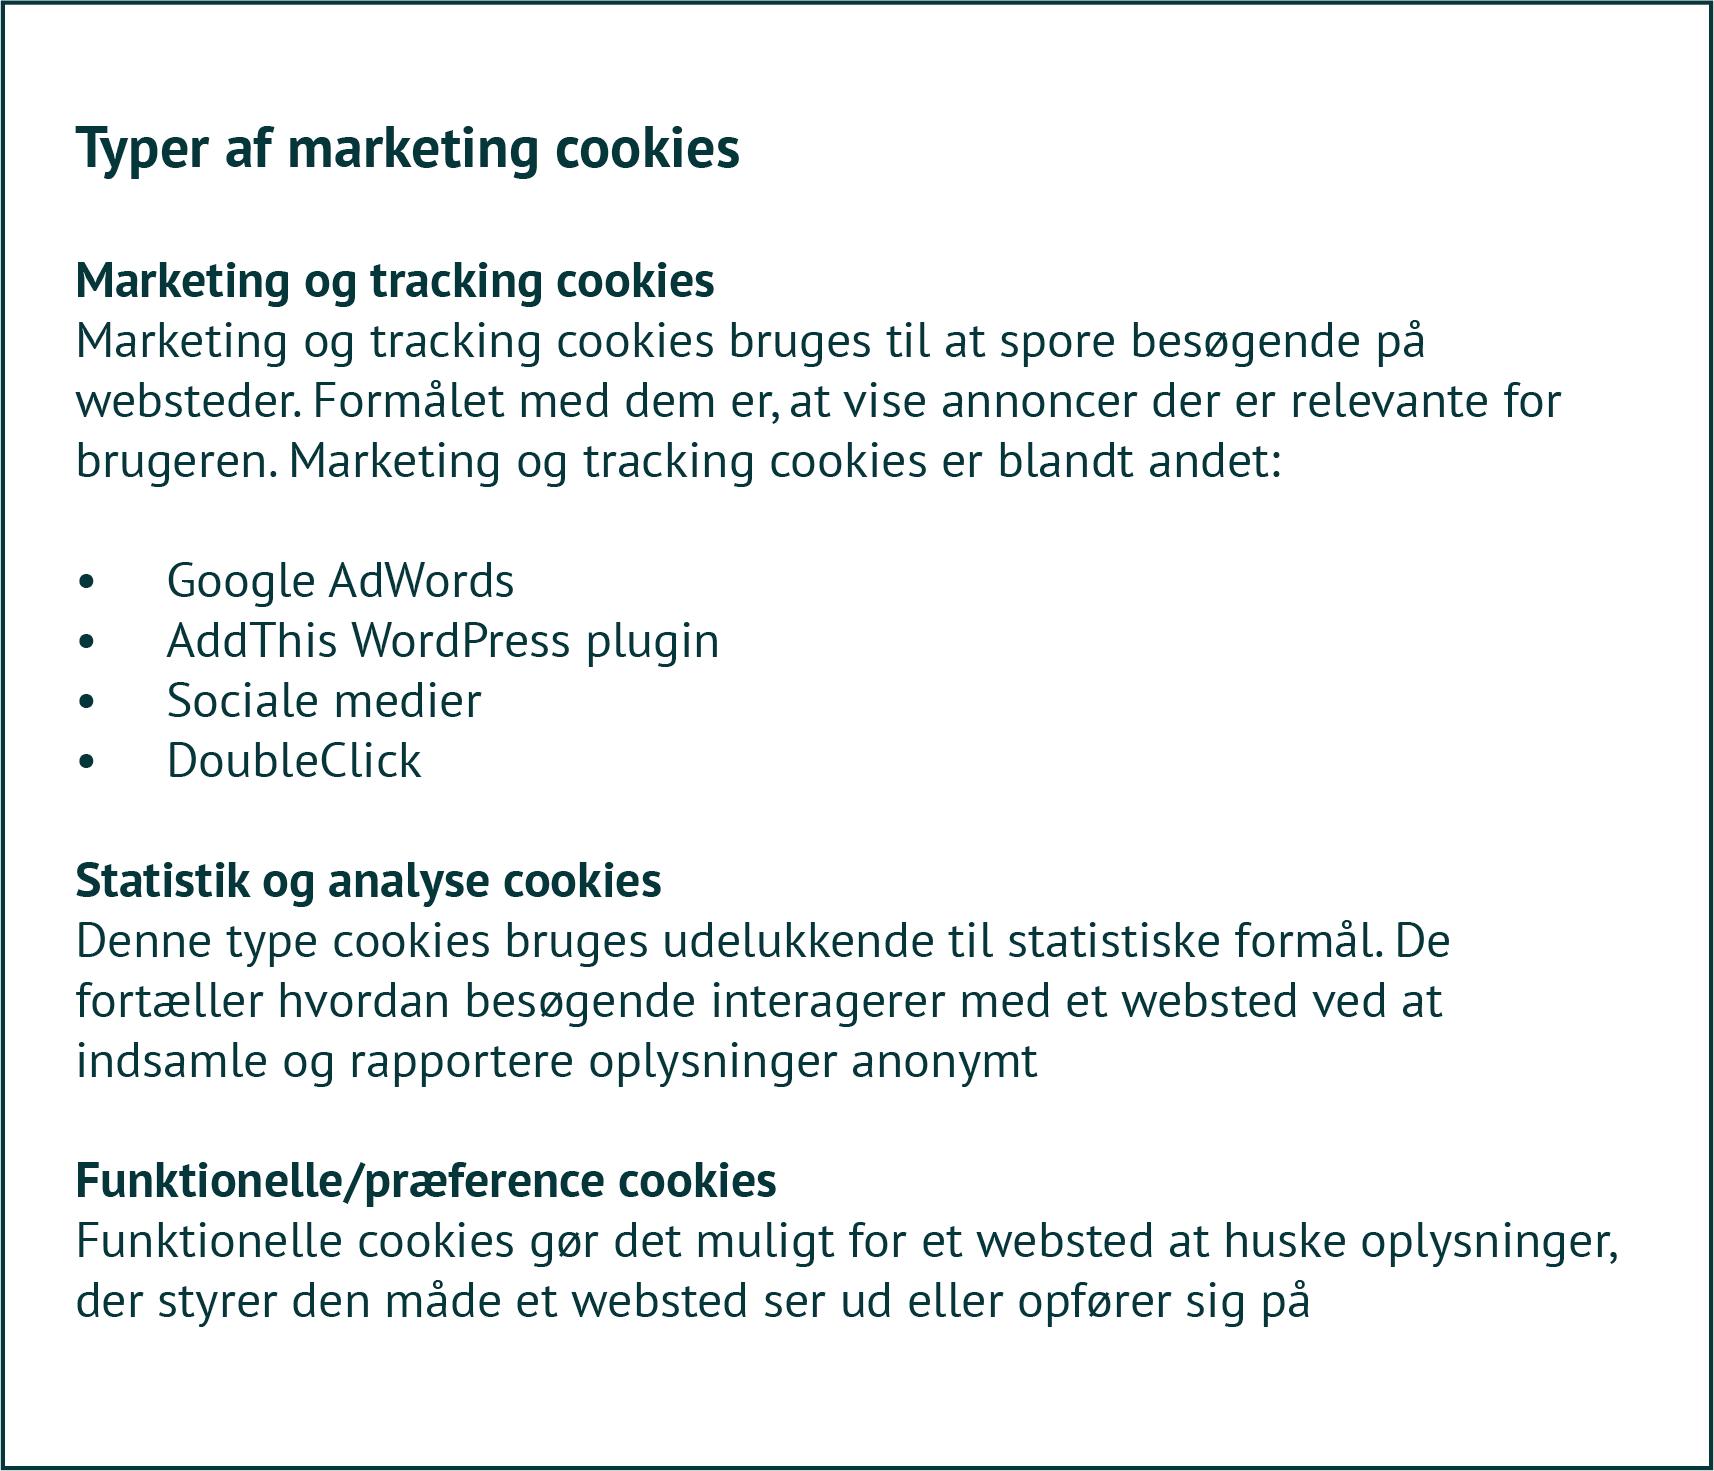 Typer_af_marketing_cookies